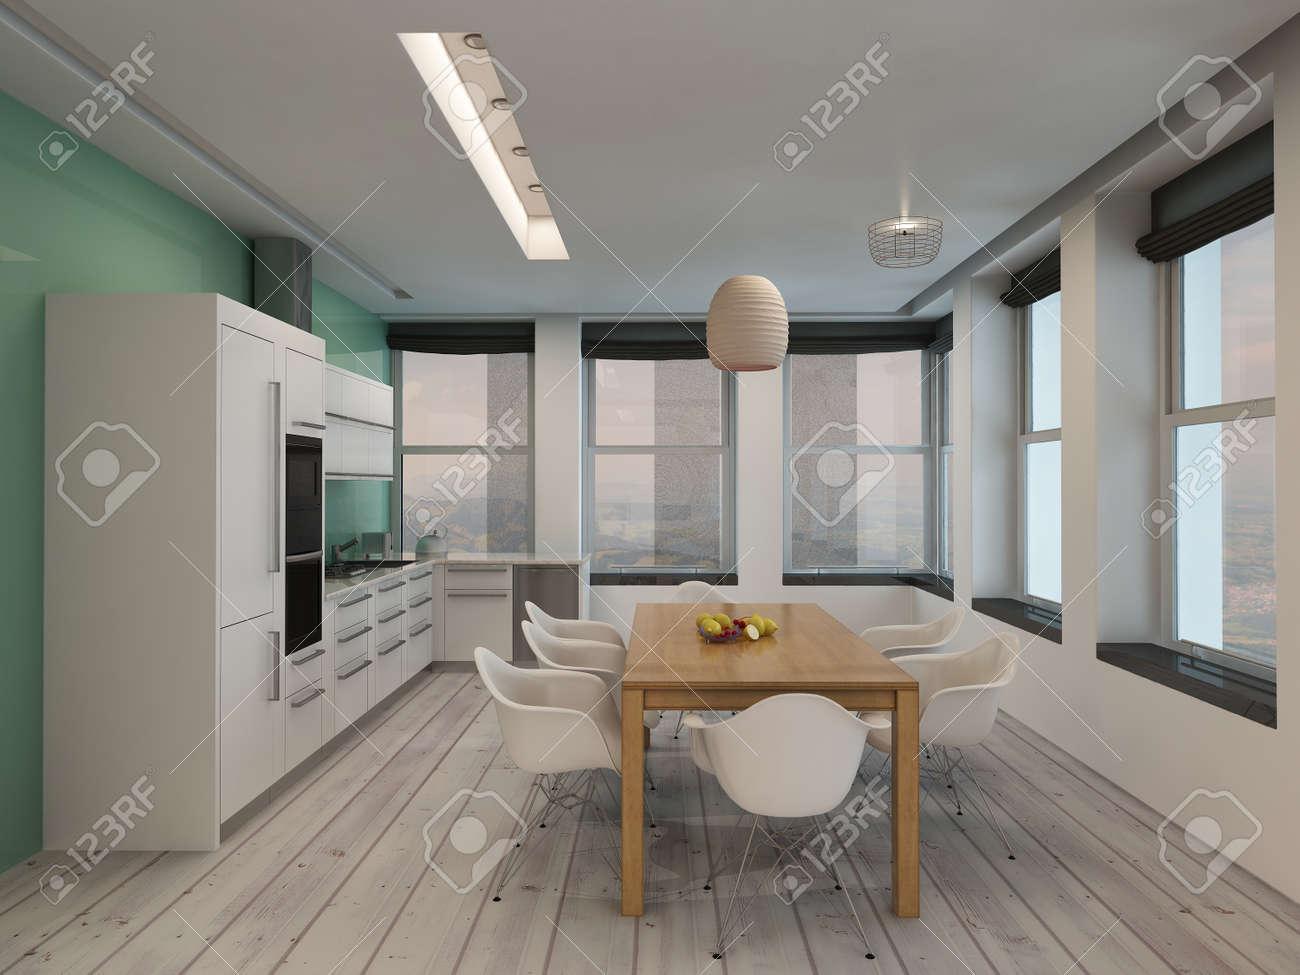 Open Space Cucina Moderna E Sala Da Pranzo Interna Con Costruito ...